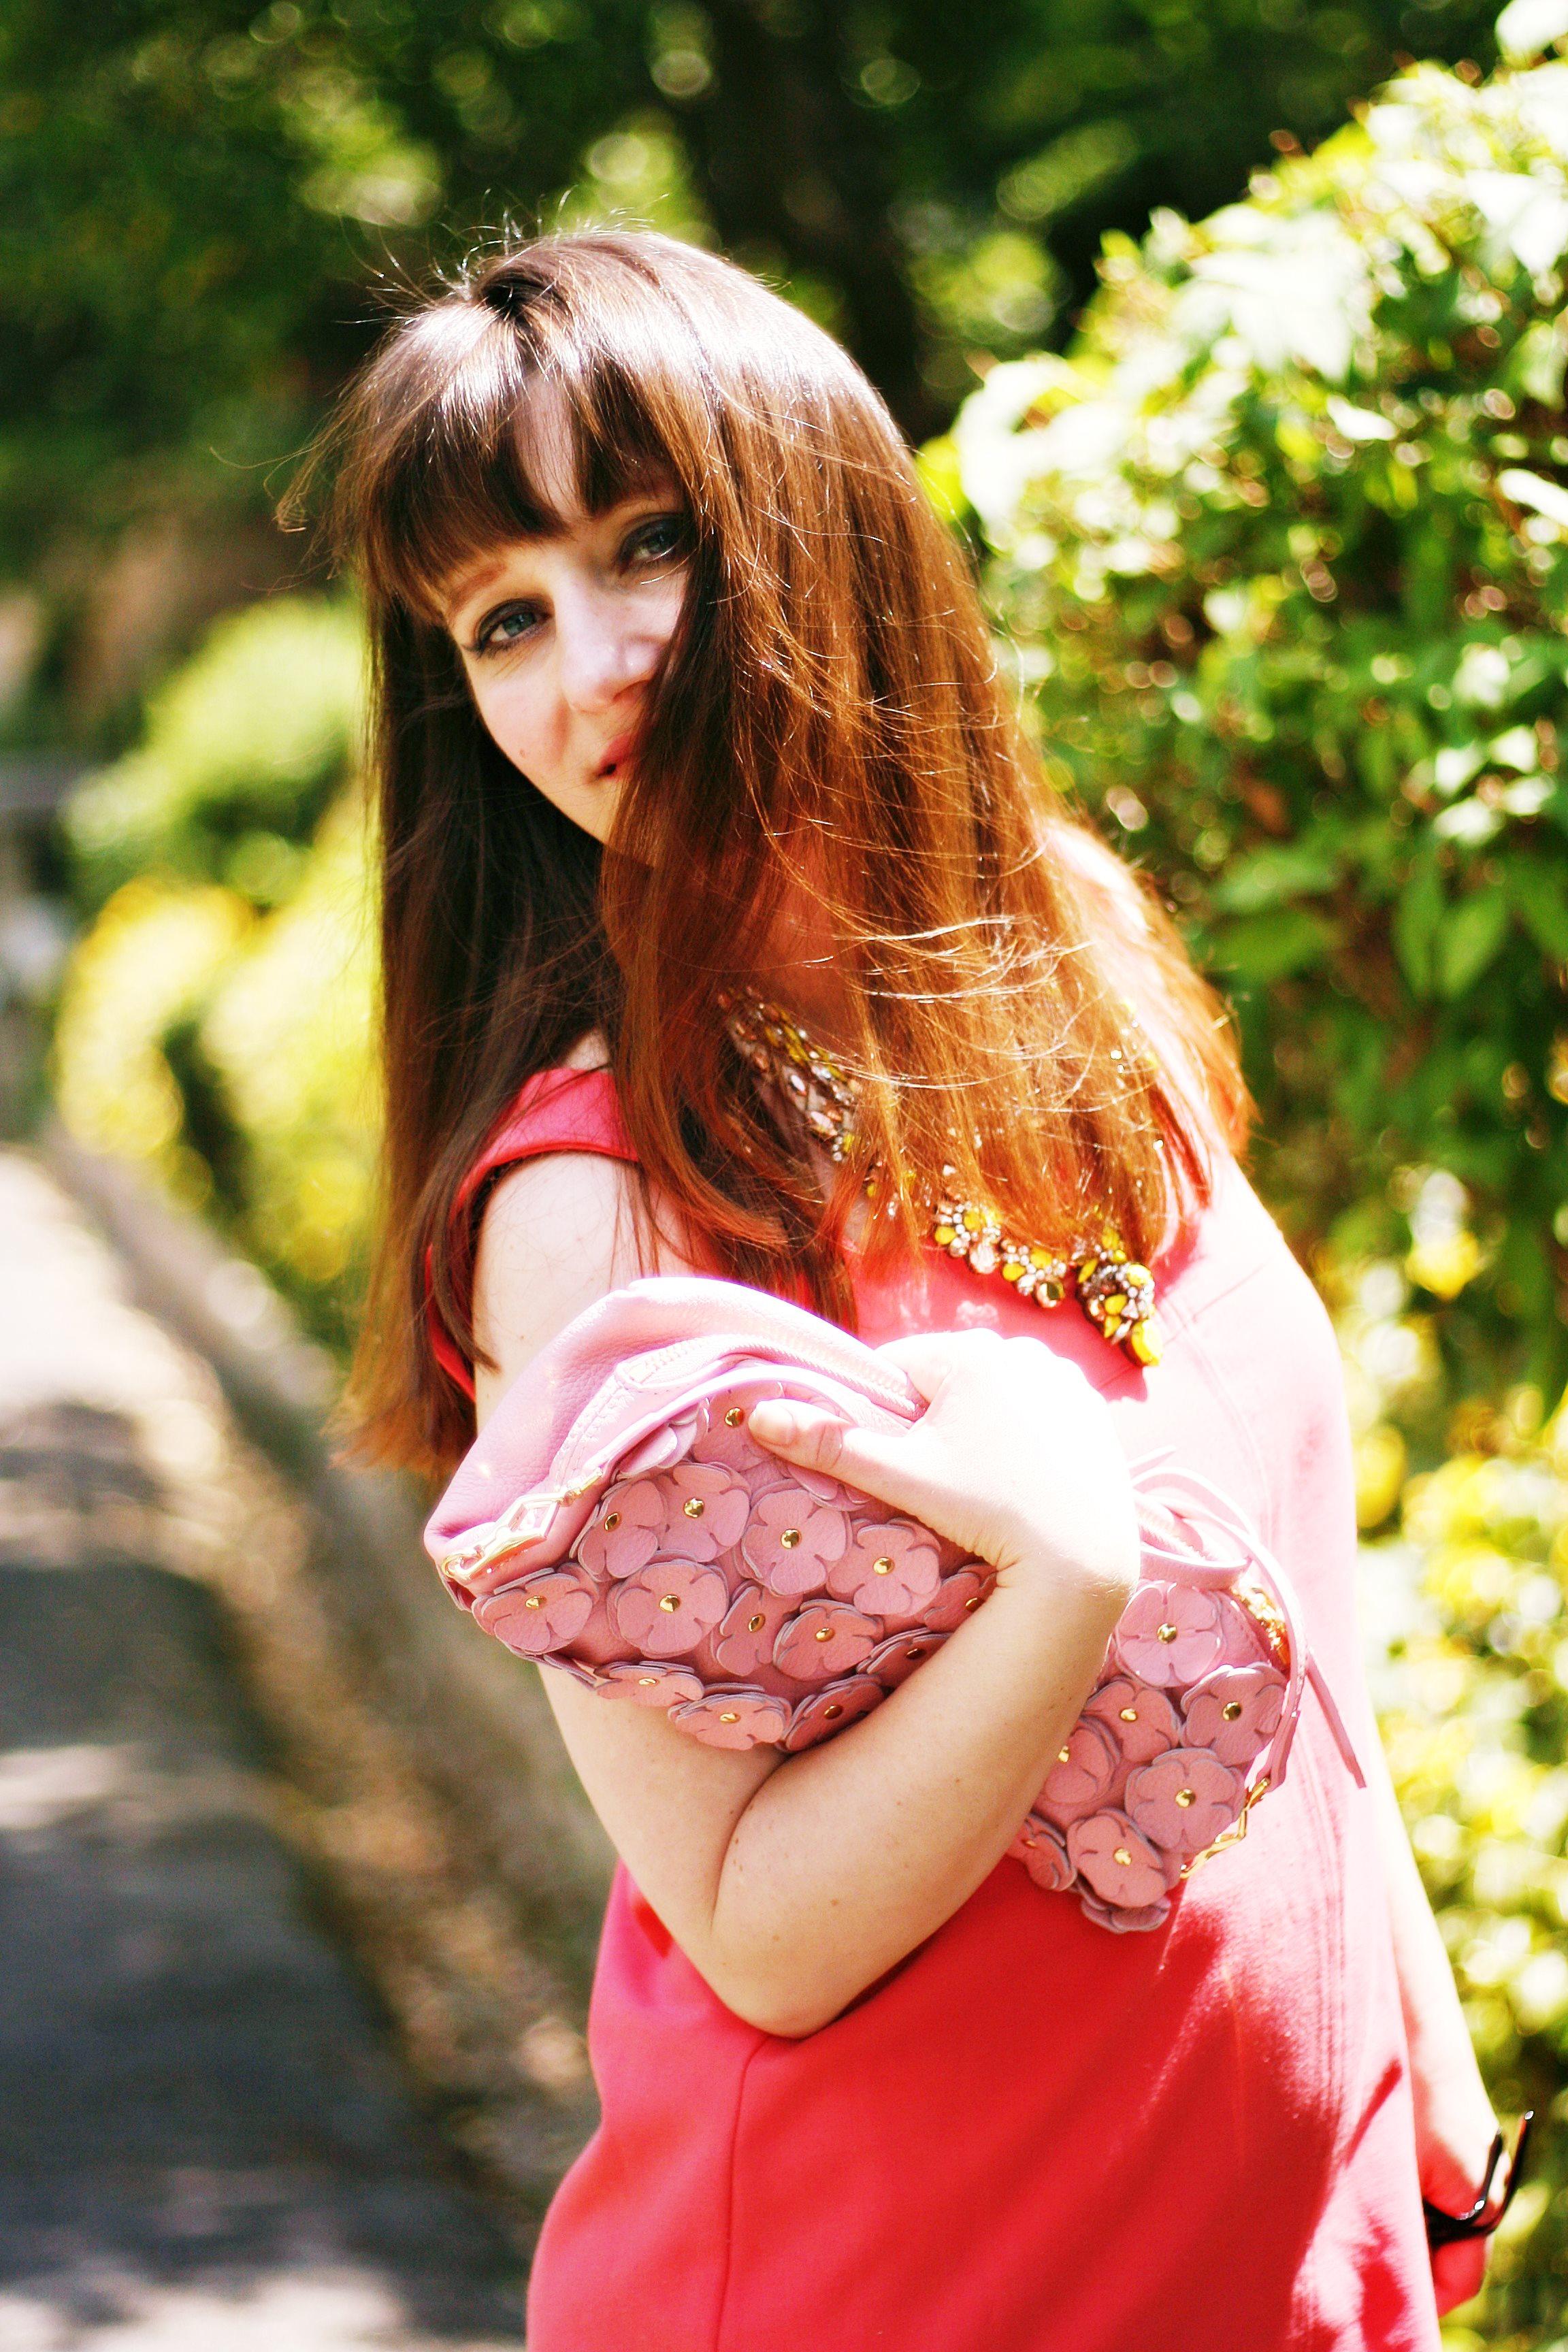 burberry prorsum collier shourouk monnier freres clarks sarenza look acidulé look cérémonie